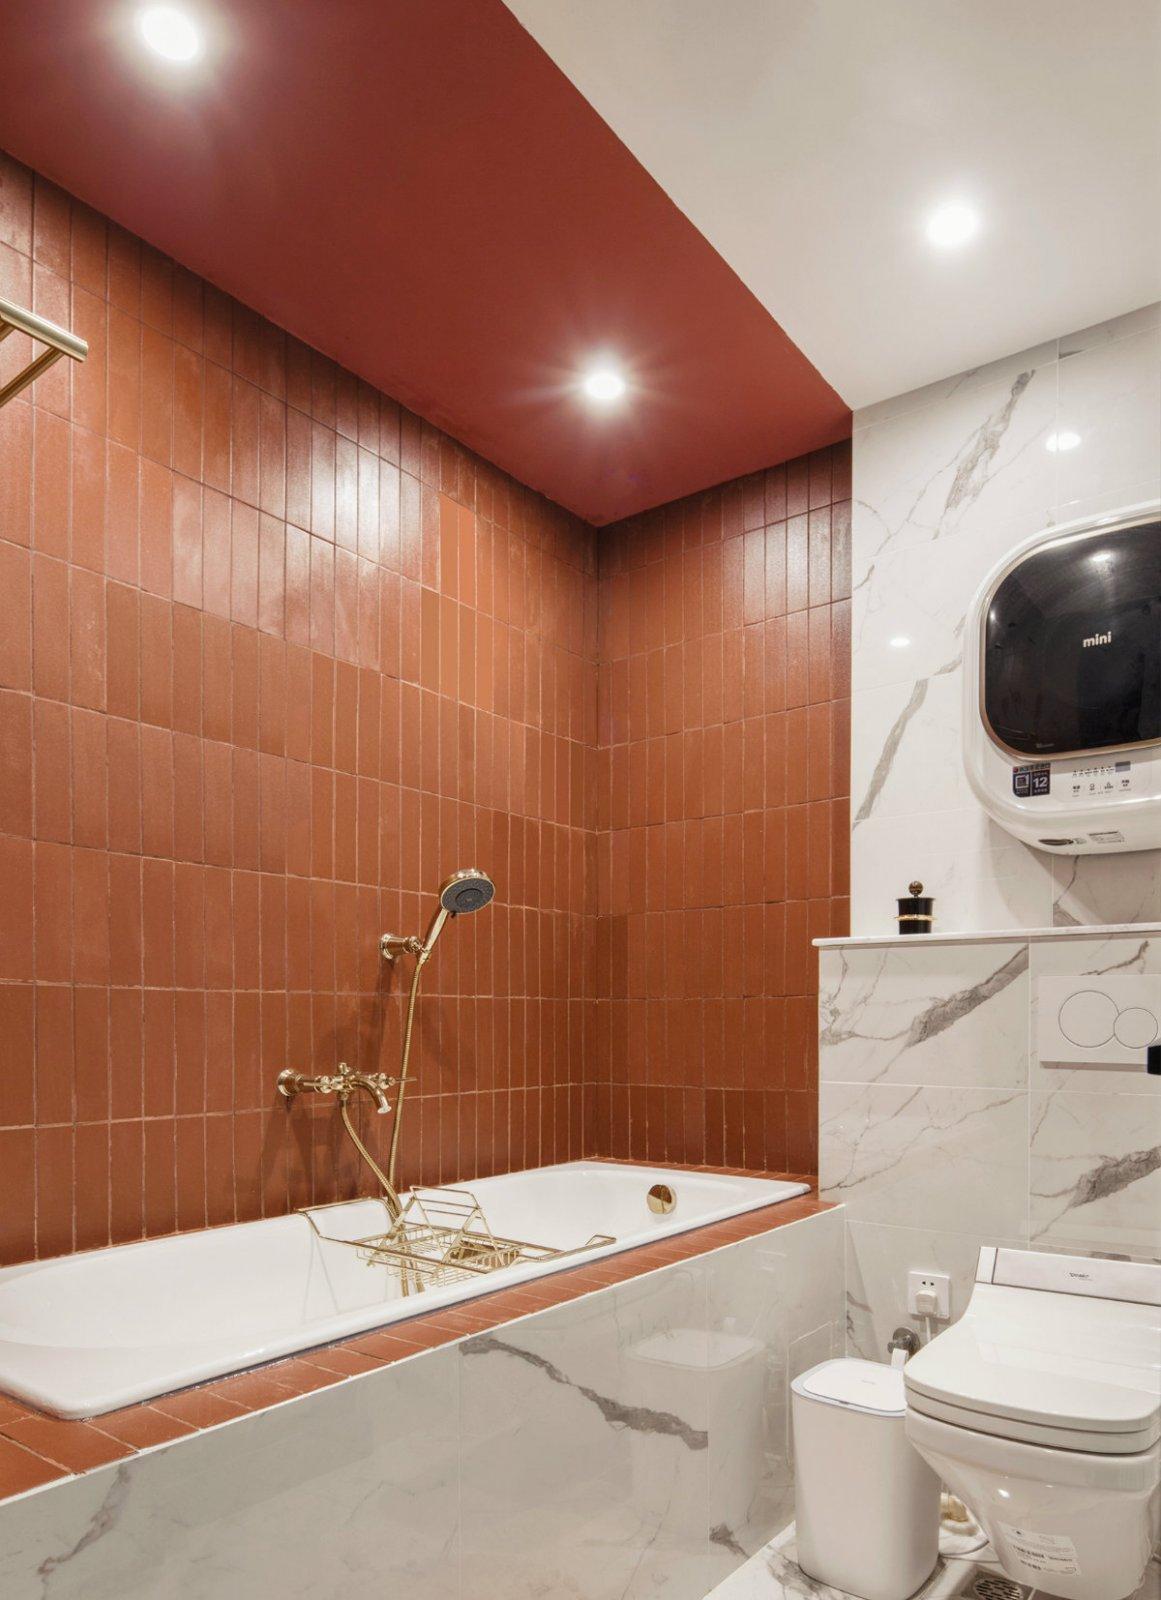 主卫设计了浴缸,下班回来适当放松一下,让每一天的开始都动力满满。